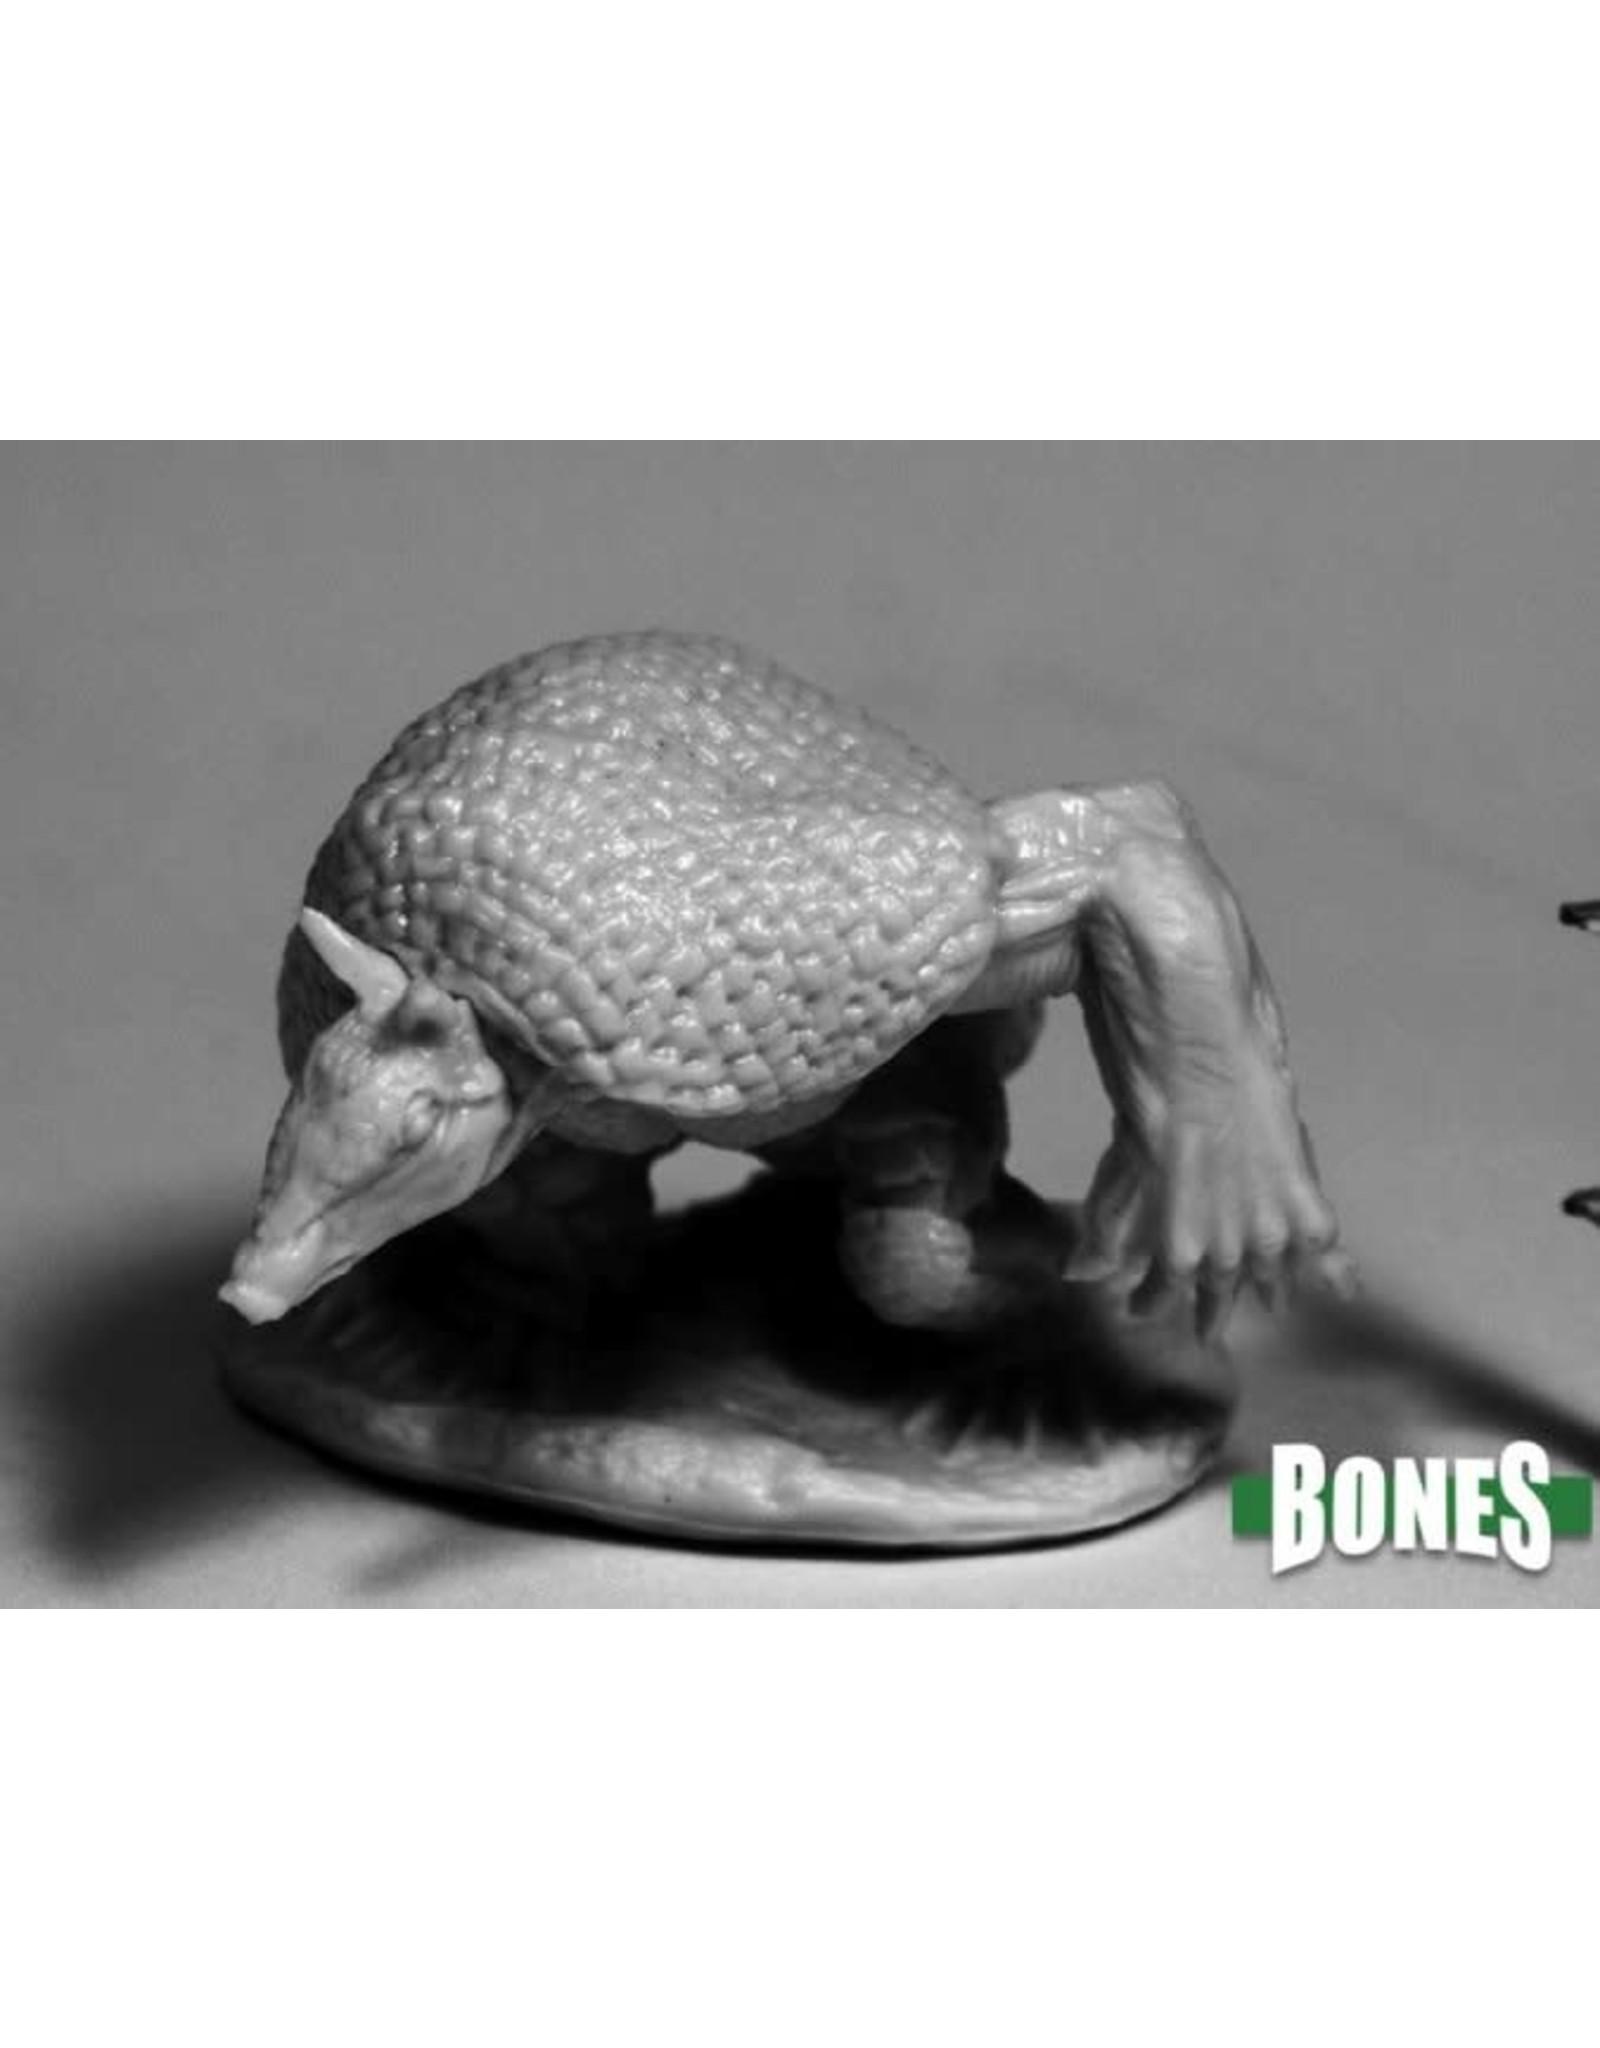 Bones Werearmadillo